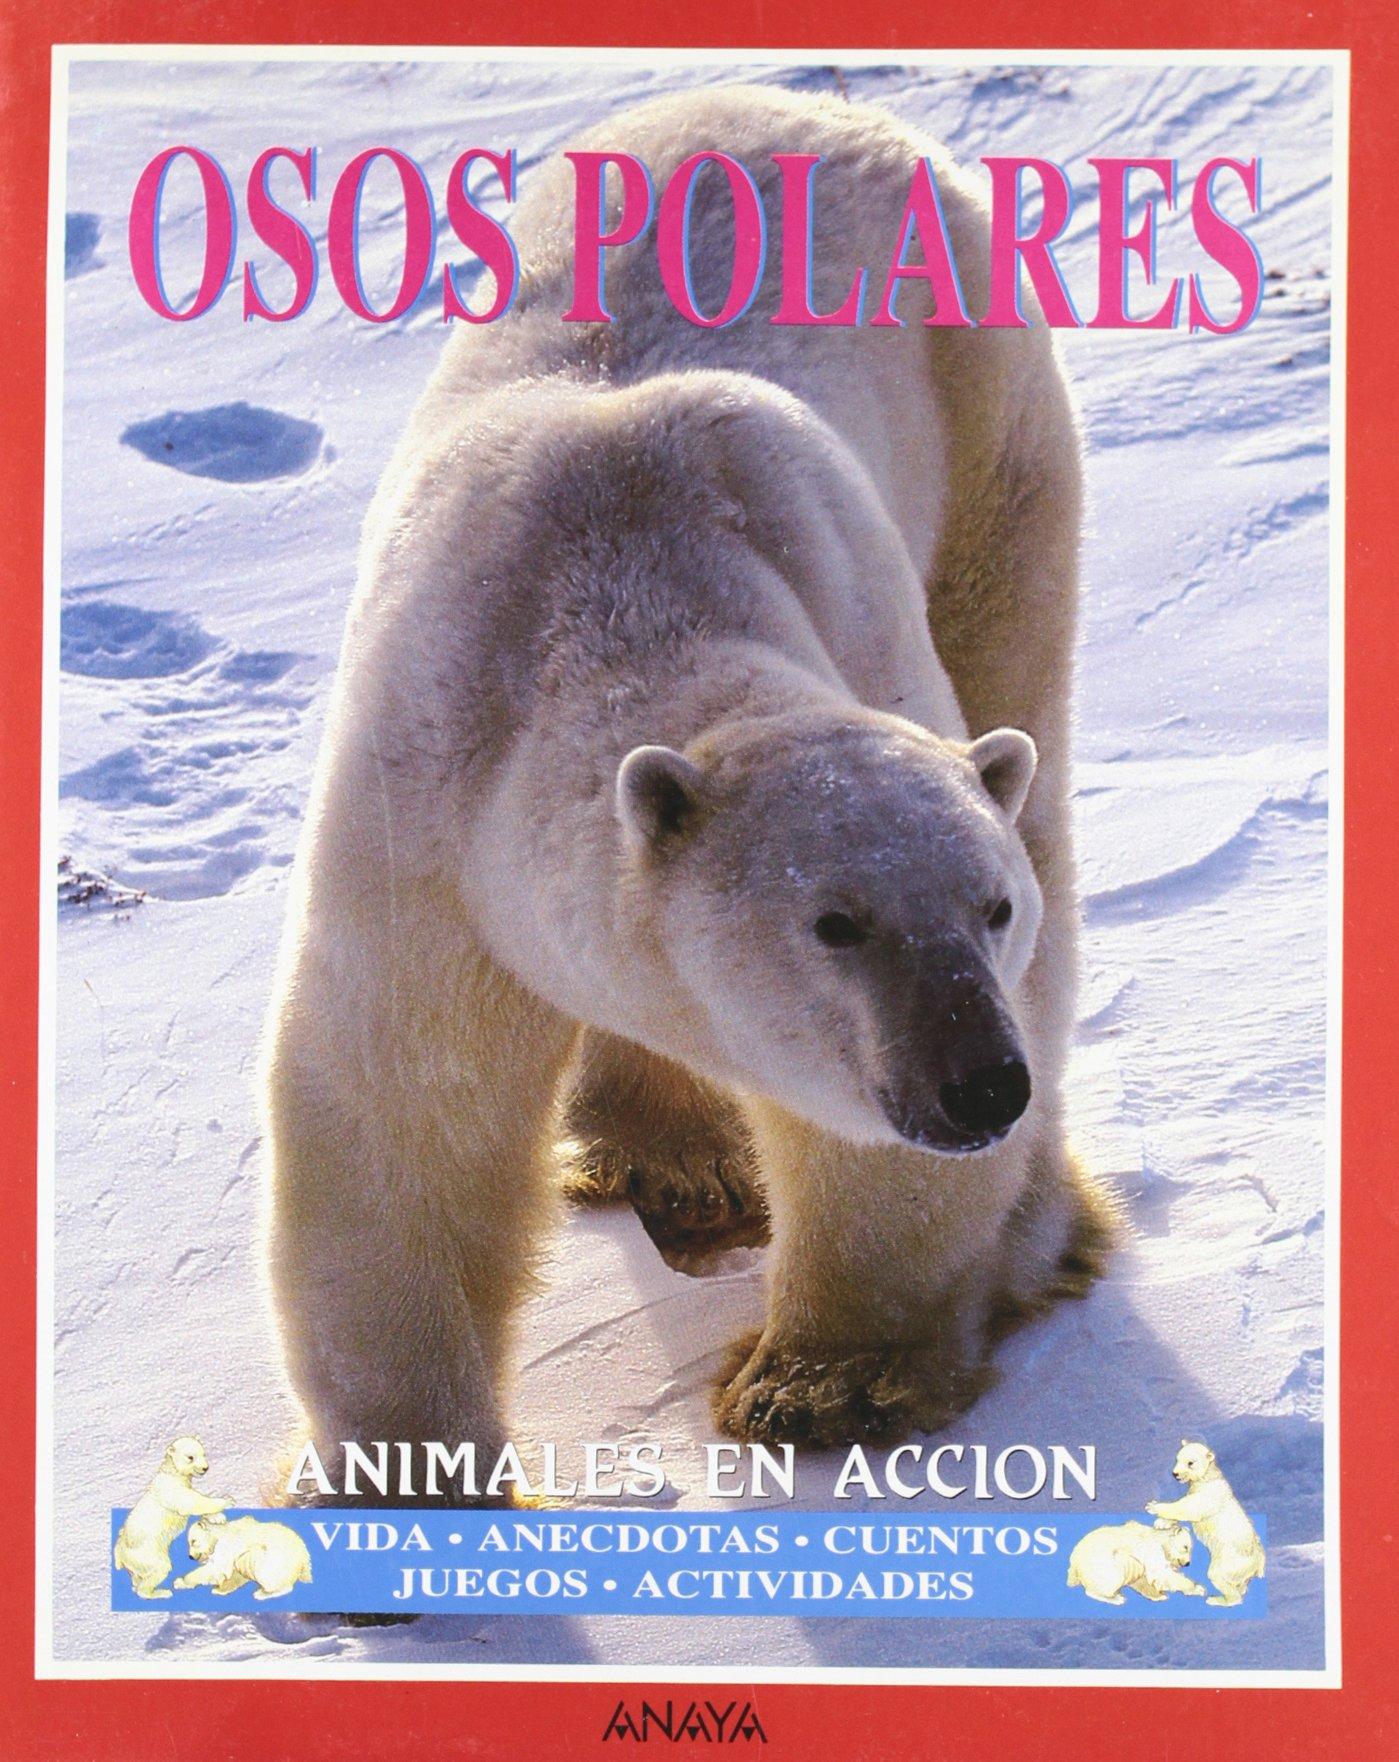 Download Osos Polares: Animales en accion (Spanish Edition) PDF